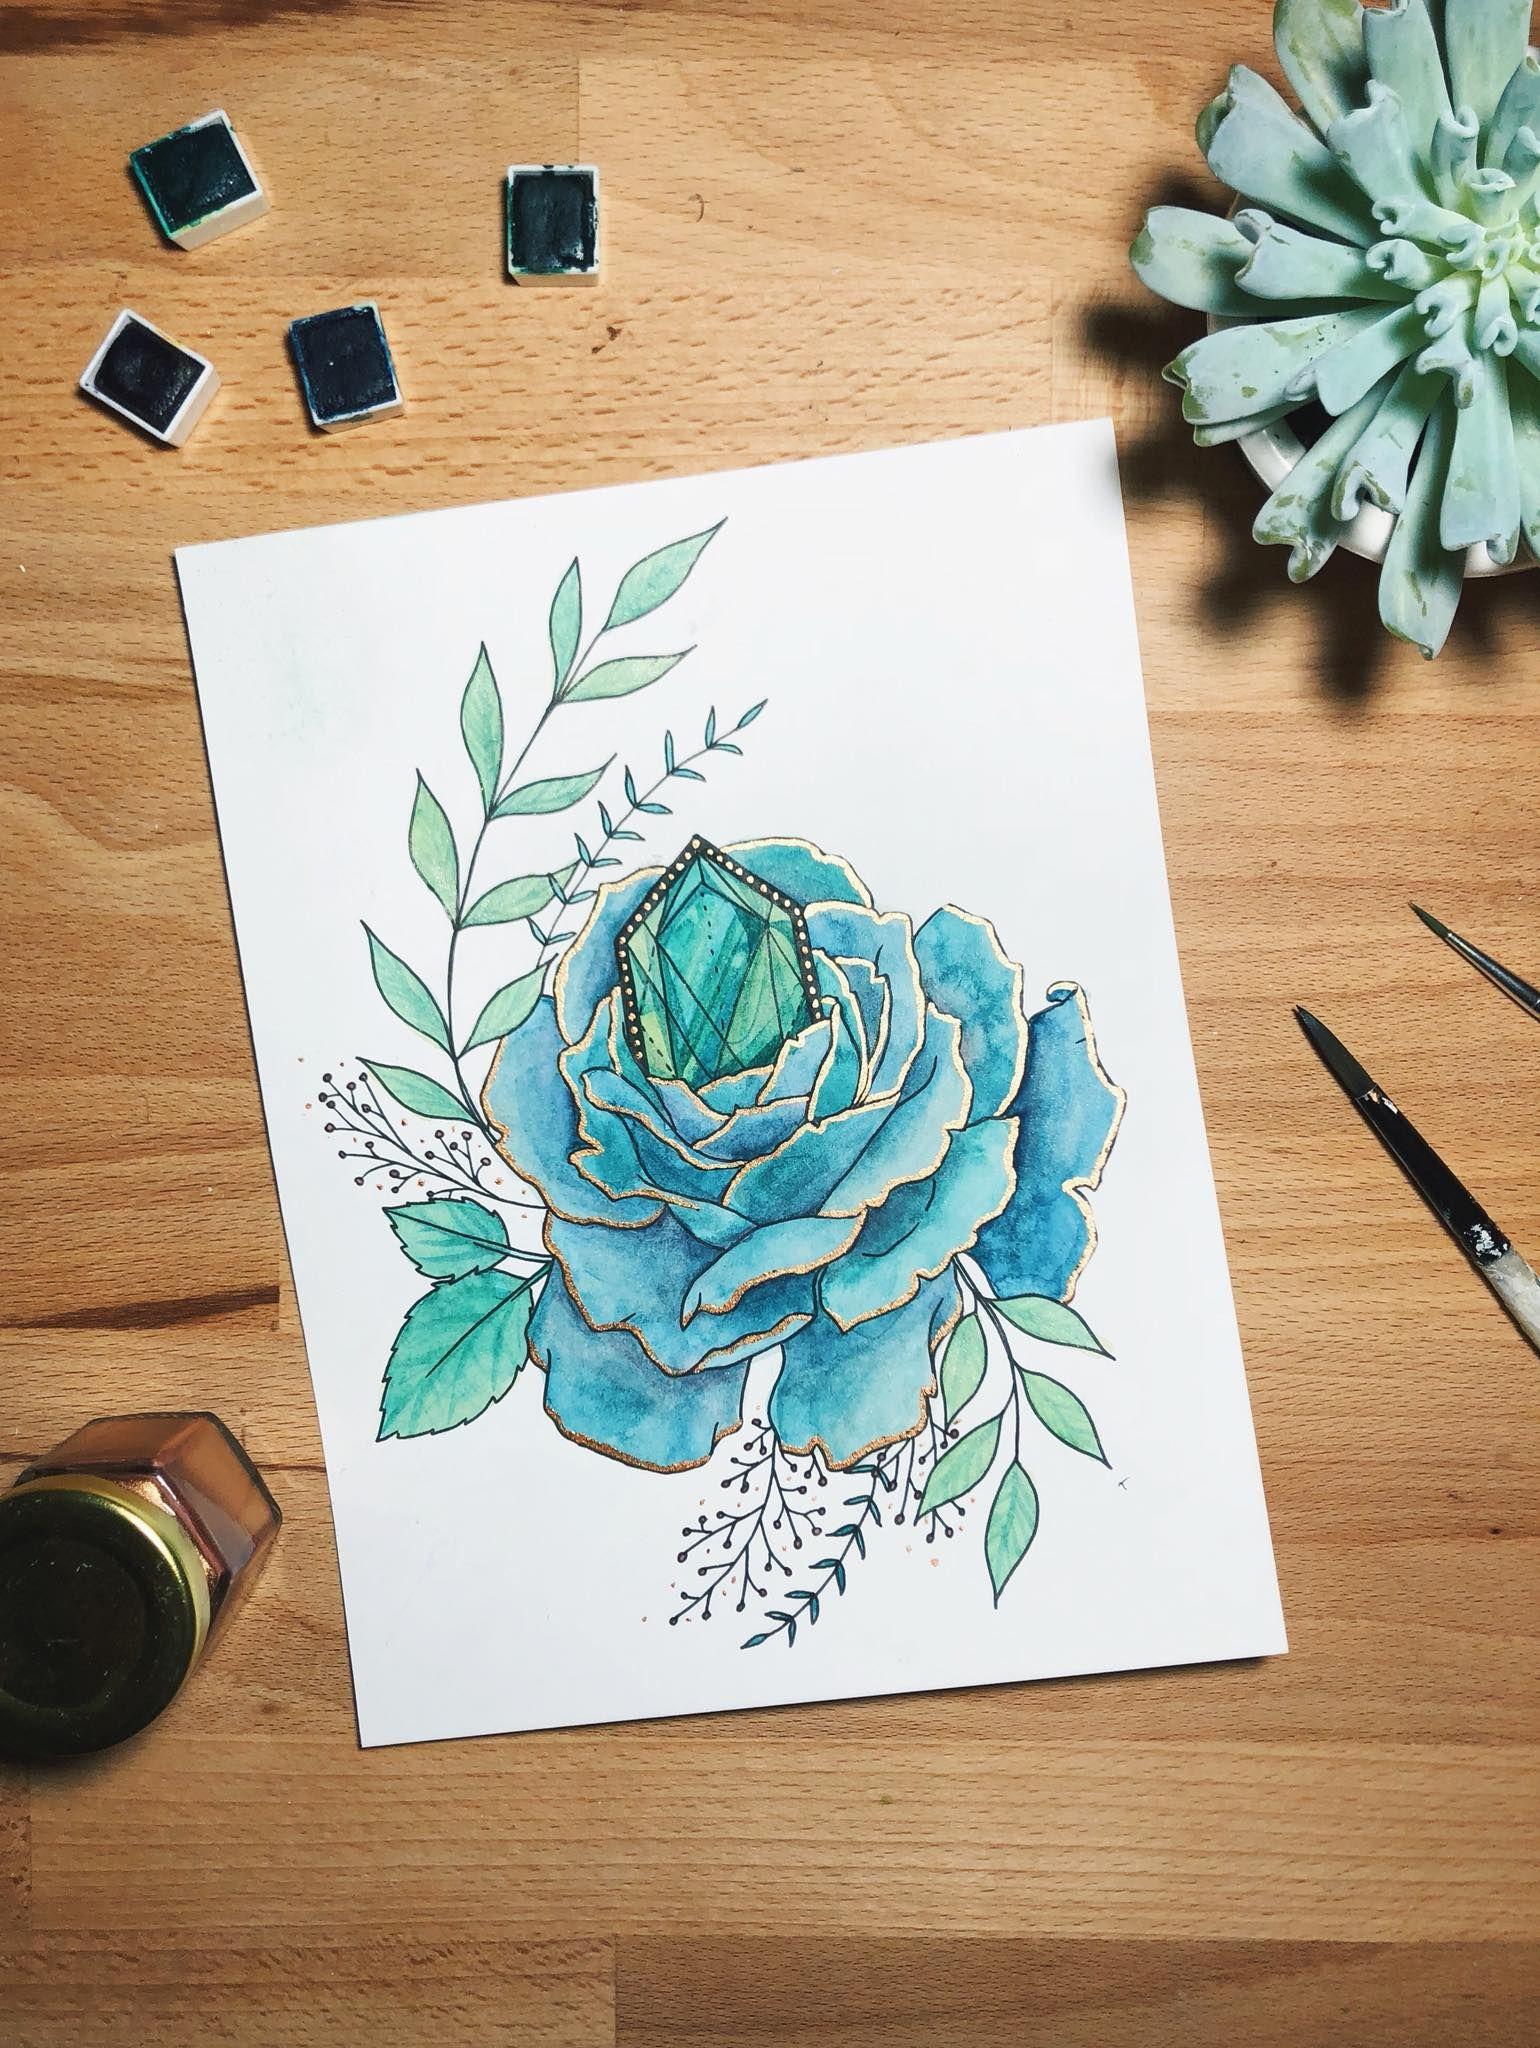 Rose Peony Illustration Succulent Art Watercolor Gold Foil Copper Foil Floral Flowers Florals Ta Peony Illustration Flower Drawing Mint Green Flowers